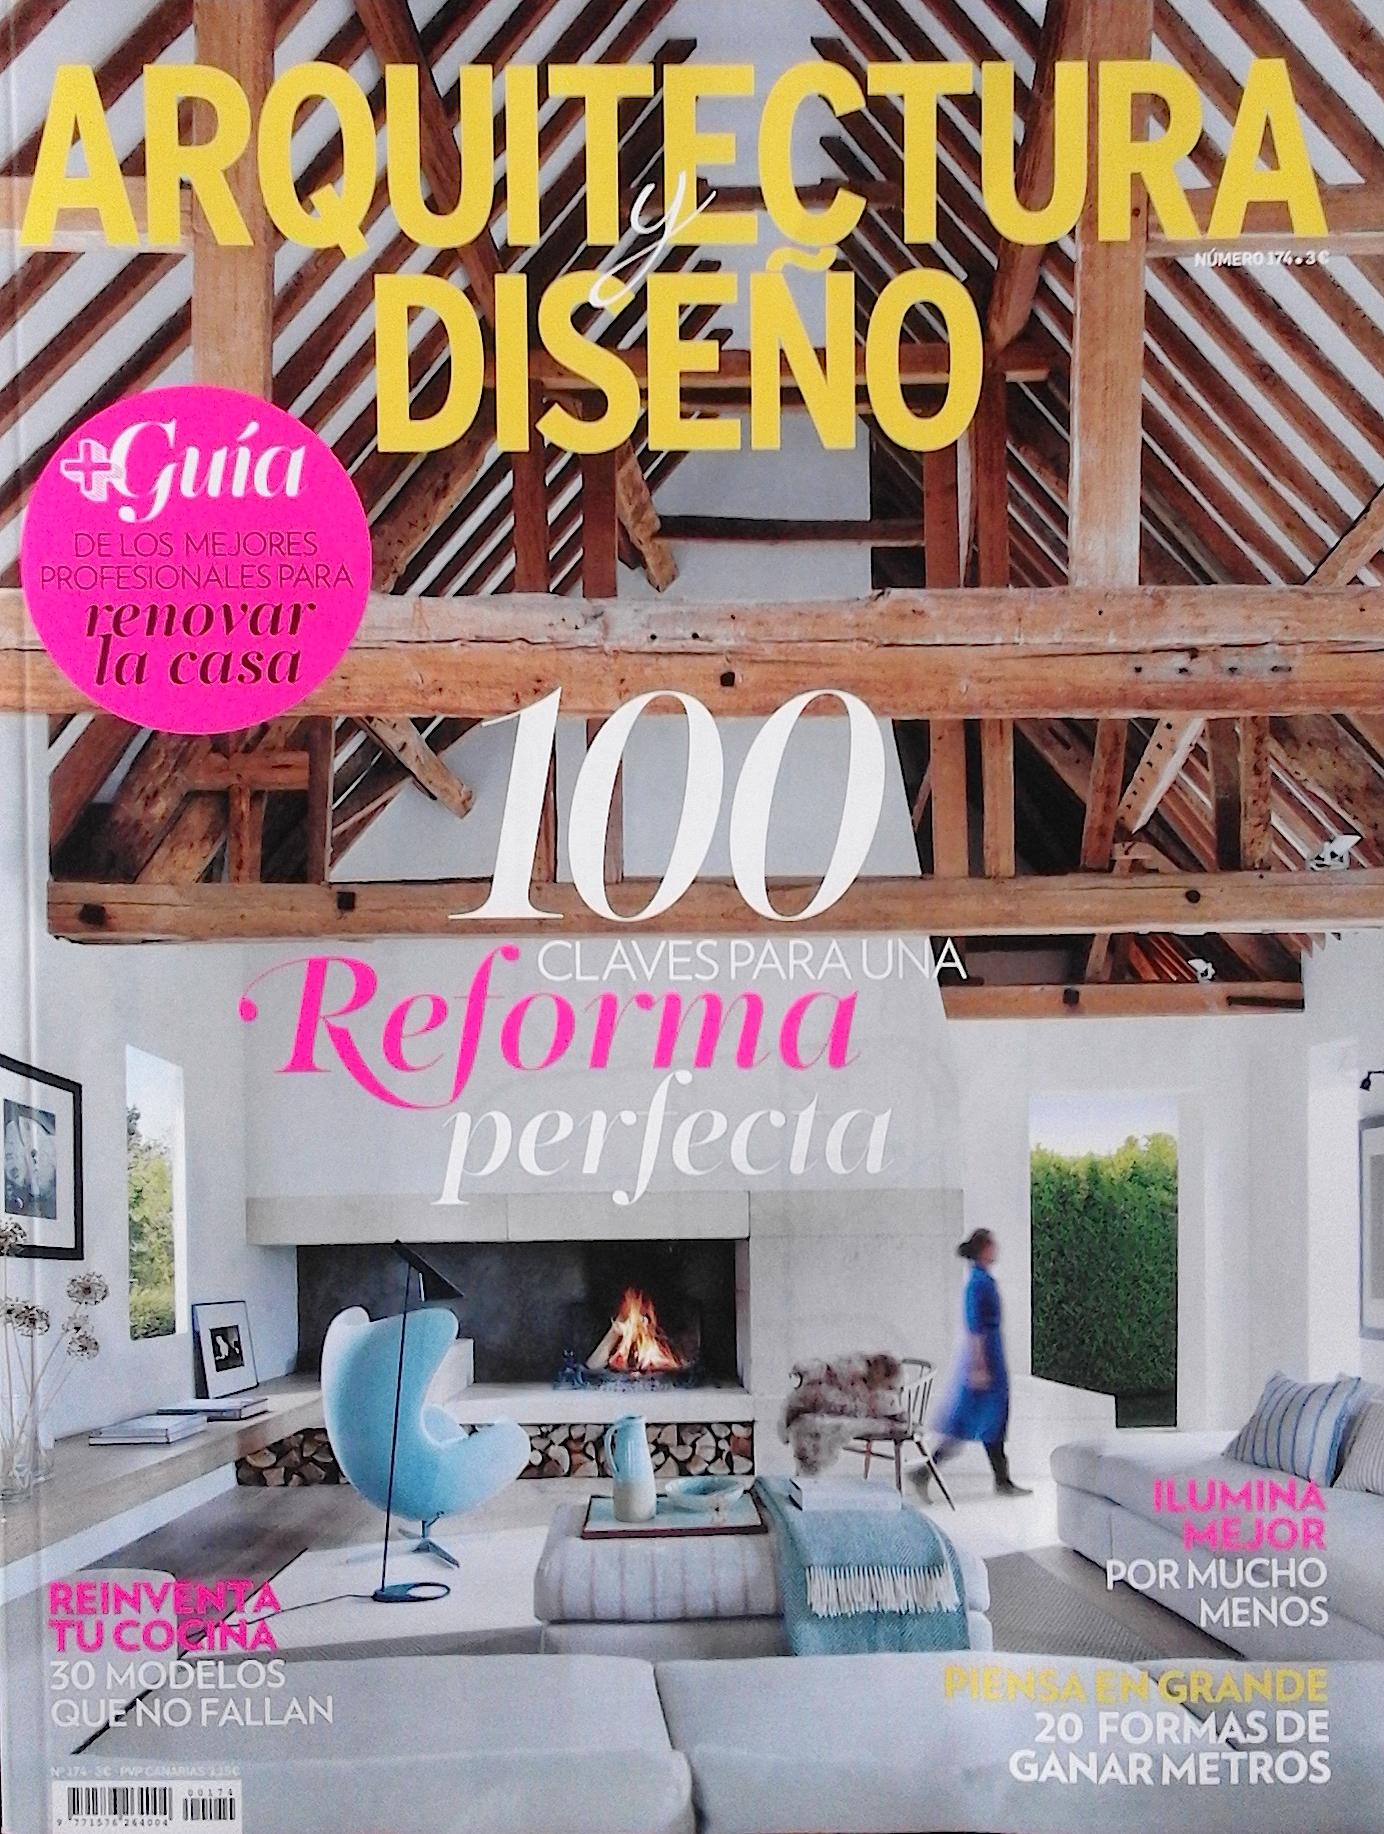 Noticias estudio de arquitectura en bilbao - Estudios arquitectura bilbao ...